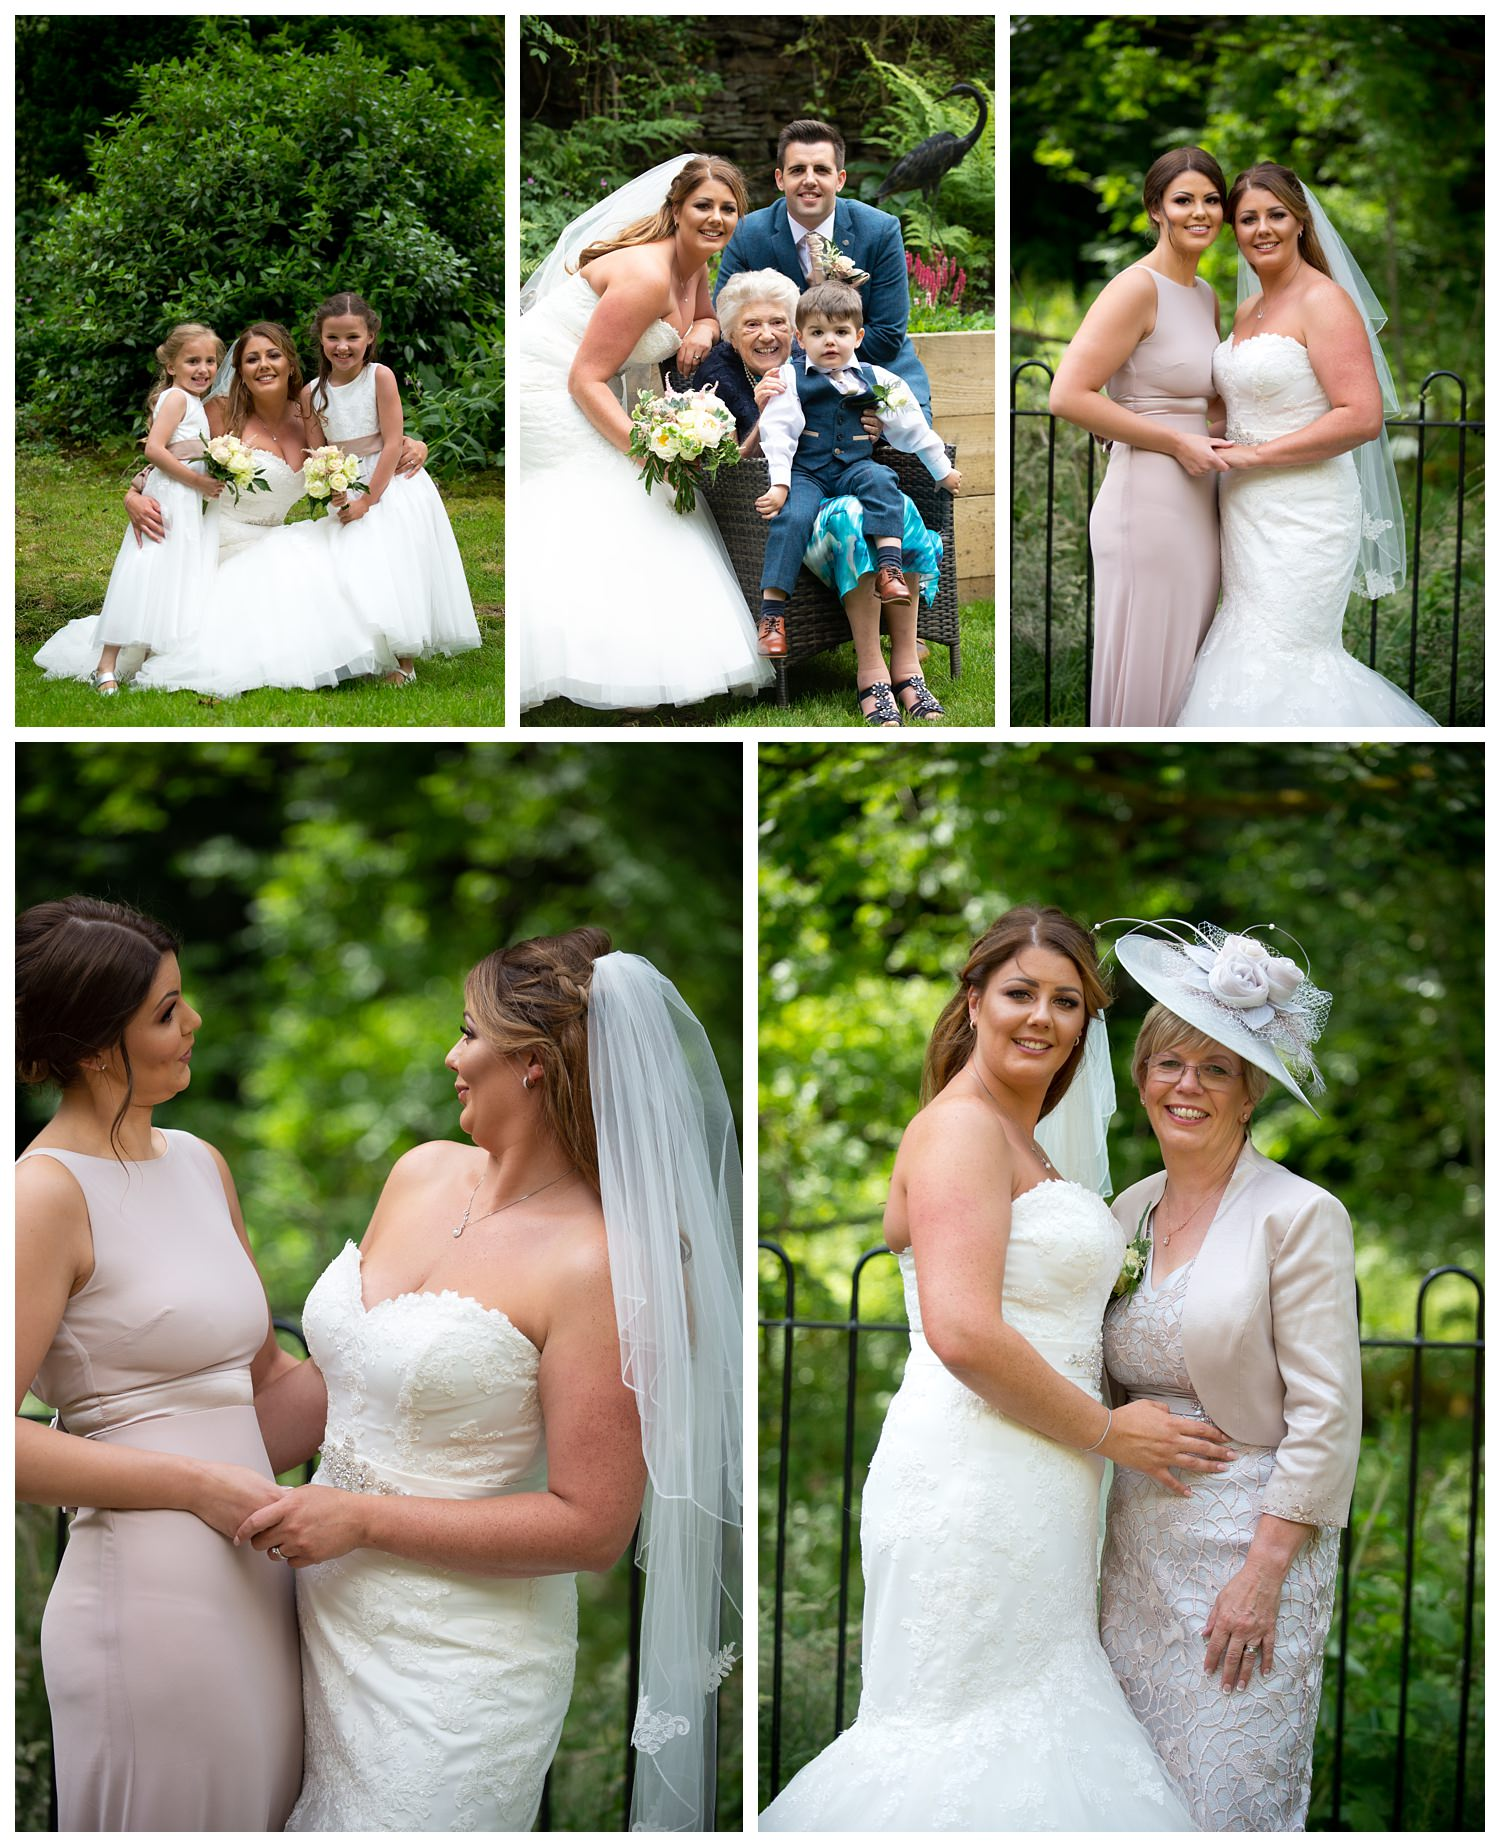 The-Woodman-Wedding-Photography_0043